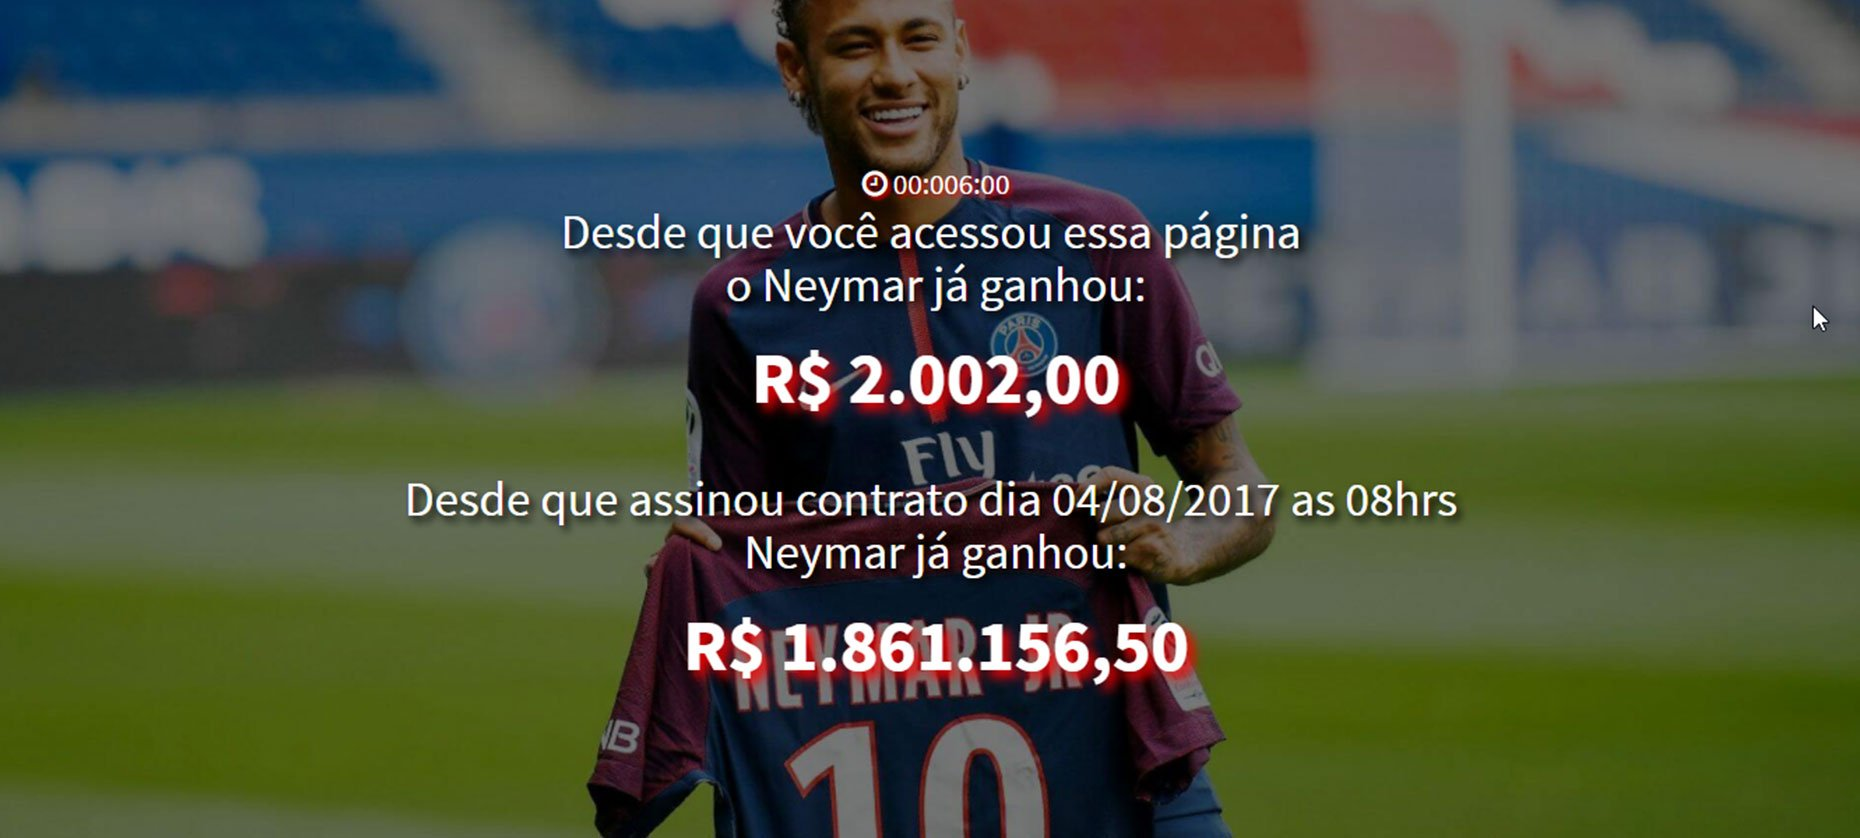 Site atualiza em tempo real salrio do neymar no psg notcias salario do neymar stopboris Image collections